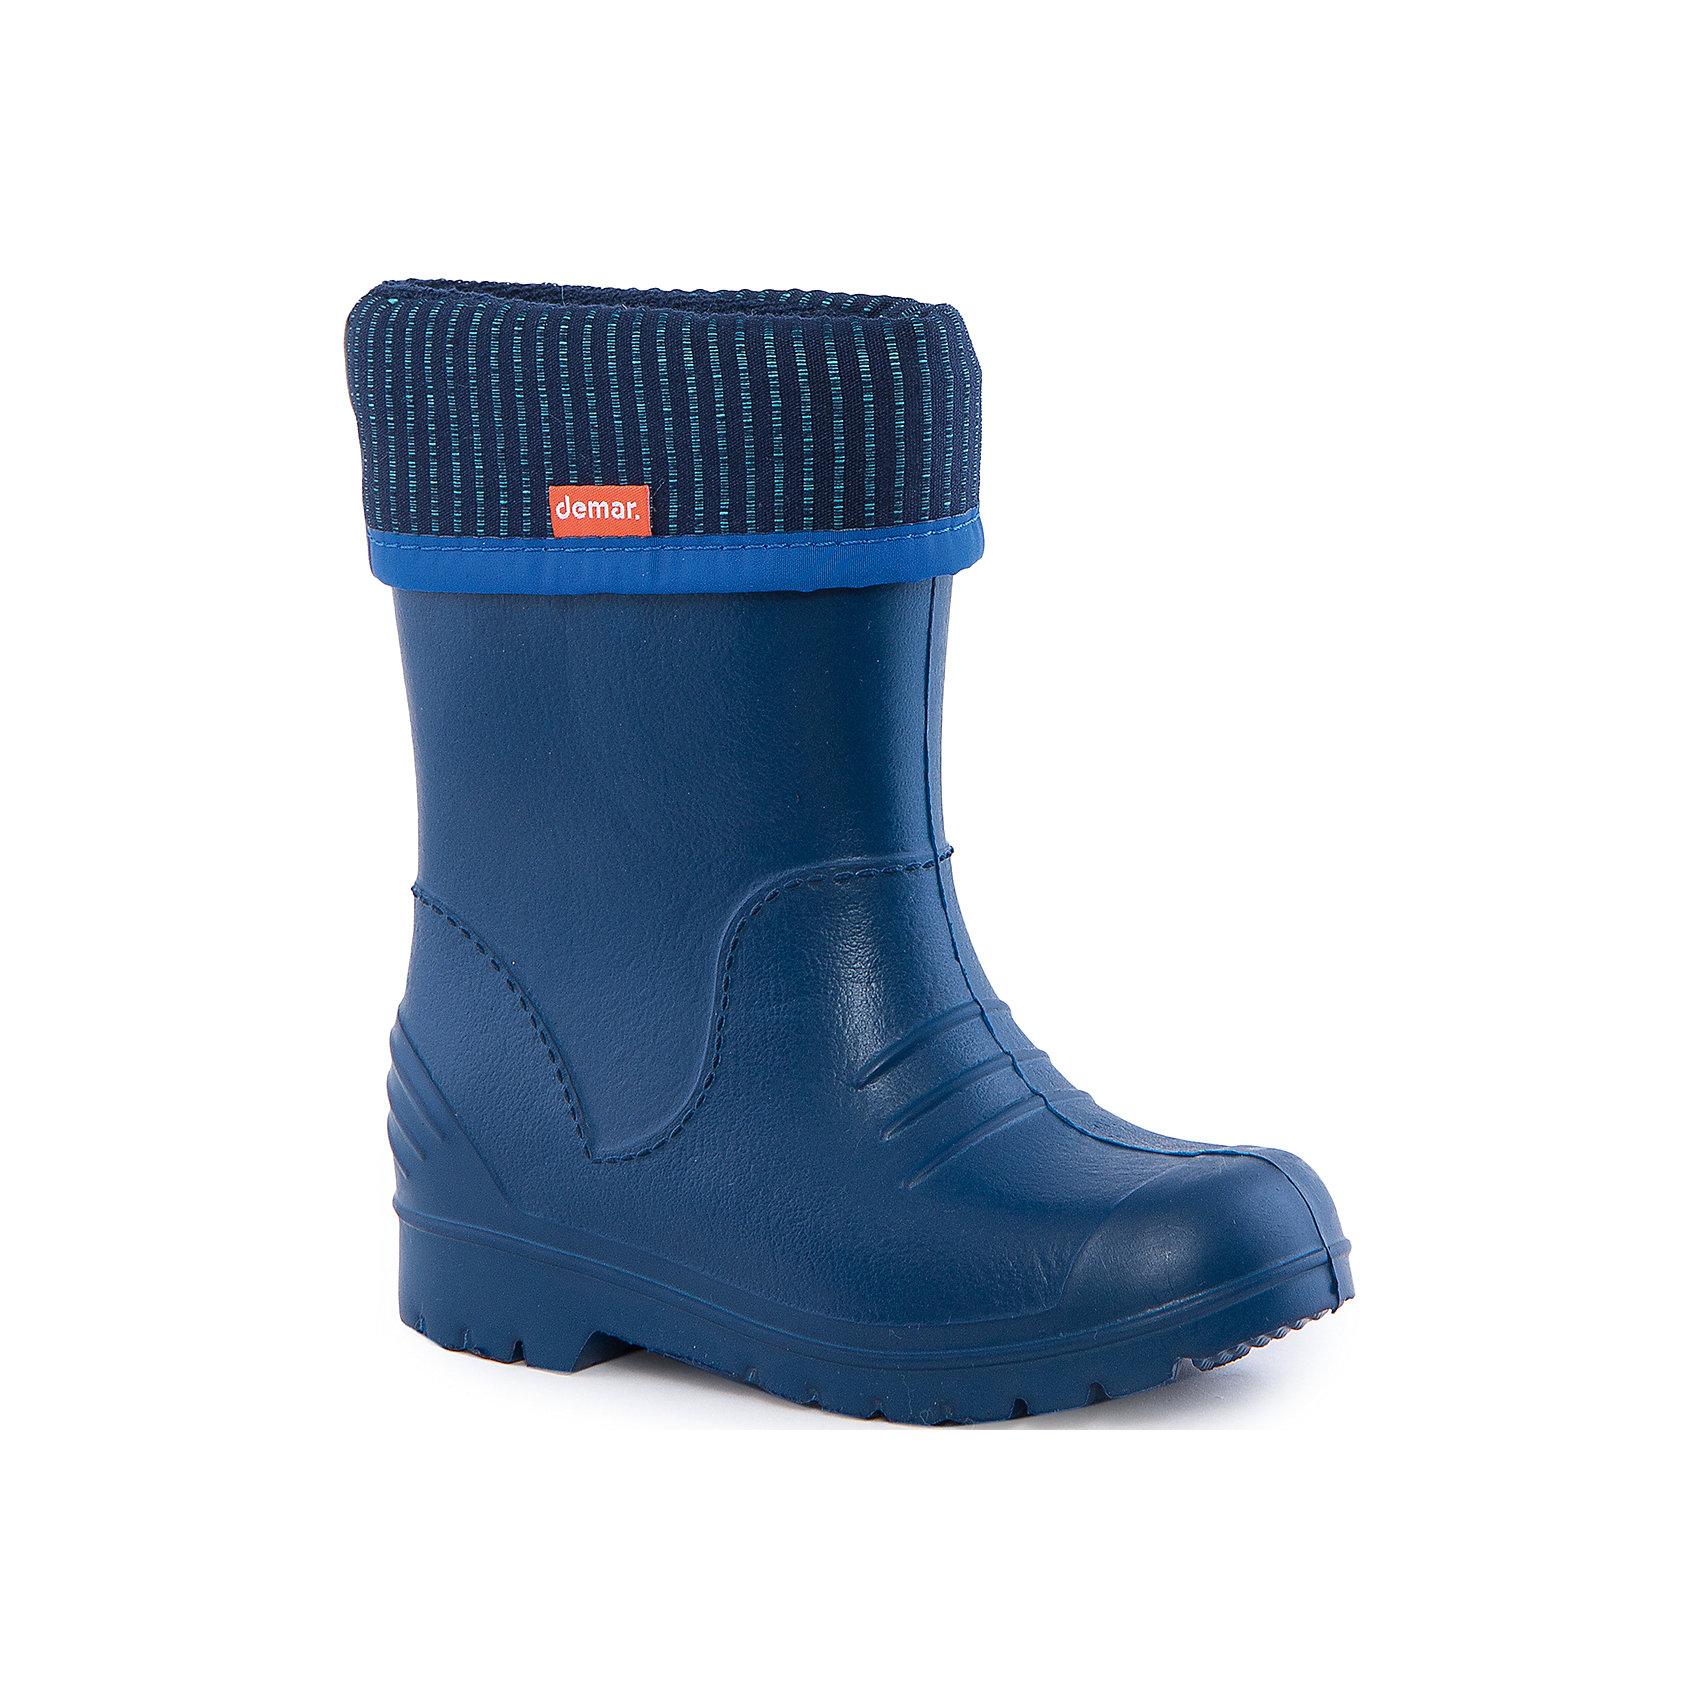 Резиновые сапоги Dino для мальчика DEMARРезиновые сапоги<br>Характеристики товара:<br><br>• цвет: синий<br>• материал верха: ЭВА<br>• материал подкладки: текстиль <br>• съемный внутренний сапожок<br>• материал подошвы: ЭВА<br>• температурный режим: от 0° до +15° С<br>• верх не продувается<br>• стильный дизайн<br>• страна бренда: Польша<br>• страна изготовитель: Польша<br><br>Осенью и весной ребенку не обойтись без непромокаемых сапожек! Чтобы не пропустить главные удовольствия межсезонья, нужно запастись удобной обувью. Такие сапожки обеспечат ребенку необходимый для активного отдыха комфорт, а подкладка из текстиля позволит ножкам оставаться теплыми. Сапожки легко надеваются и снимаются, отлично сидят на ноге. Они удивительно легкие!<br>Обувь от польского бренда Demar - это качественные товары, созданные с применением новейших технологий и с использованием как натуральных, так и высокотехнологичных материалов. Обувь отличается стильным дизайном и продуманной конструкцией. Изделие производится из качественных и проверенных материалов, которые безопасны для детей.<br><br>Сапожки от бренда Demar (Демар) можно купить в нашем интернет-магазине.<br><br>Ширина мм: 237<br>Глубина мм: 180<br>Высота мм: 152<br>Вес г: 438<br>Цвет: белый<br>Возраст от месяцев: 24<br>Возраст до месяцев: 36<br>Пол: Мужской<br>Возраст: Детский<br>Размер: 26/27,36/37,24/25,28/29,34/35,22/23,32/33,30/31<br>SKU: 4576144